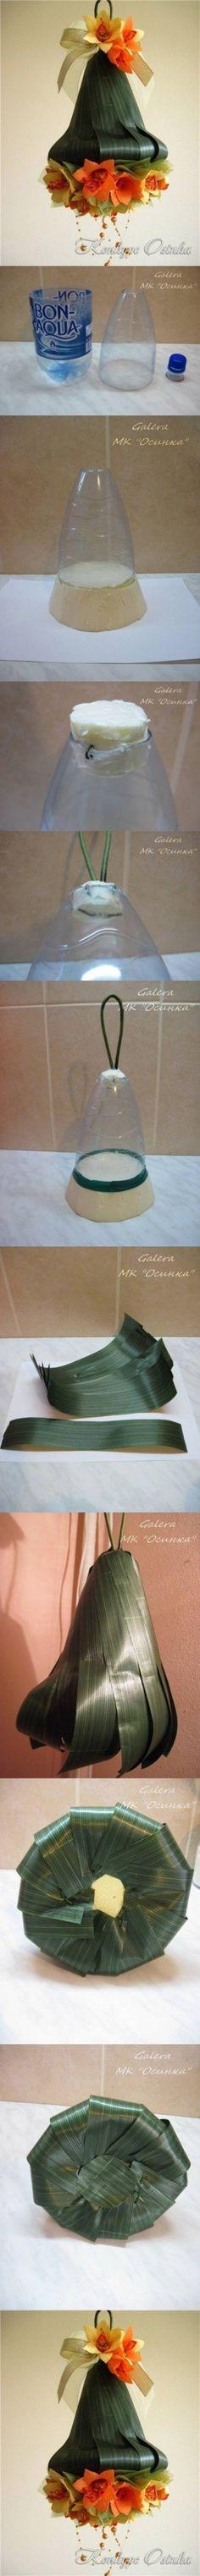 Botella de plástico DIY de Bell Ornamento DIY Proyectos